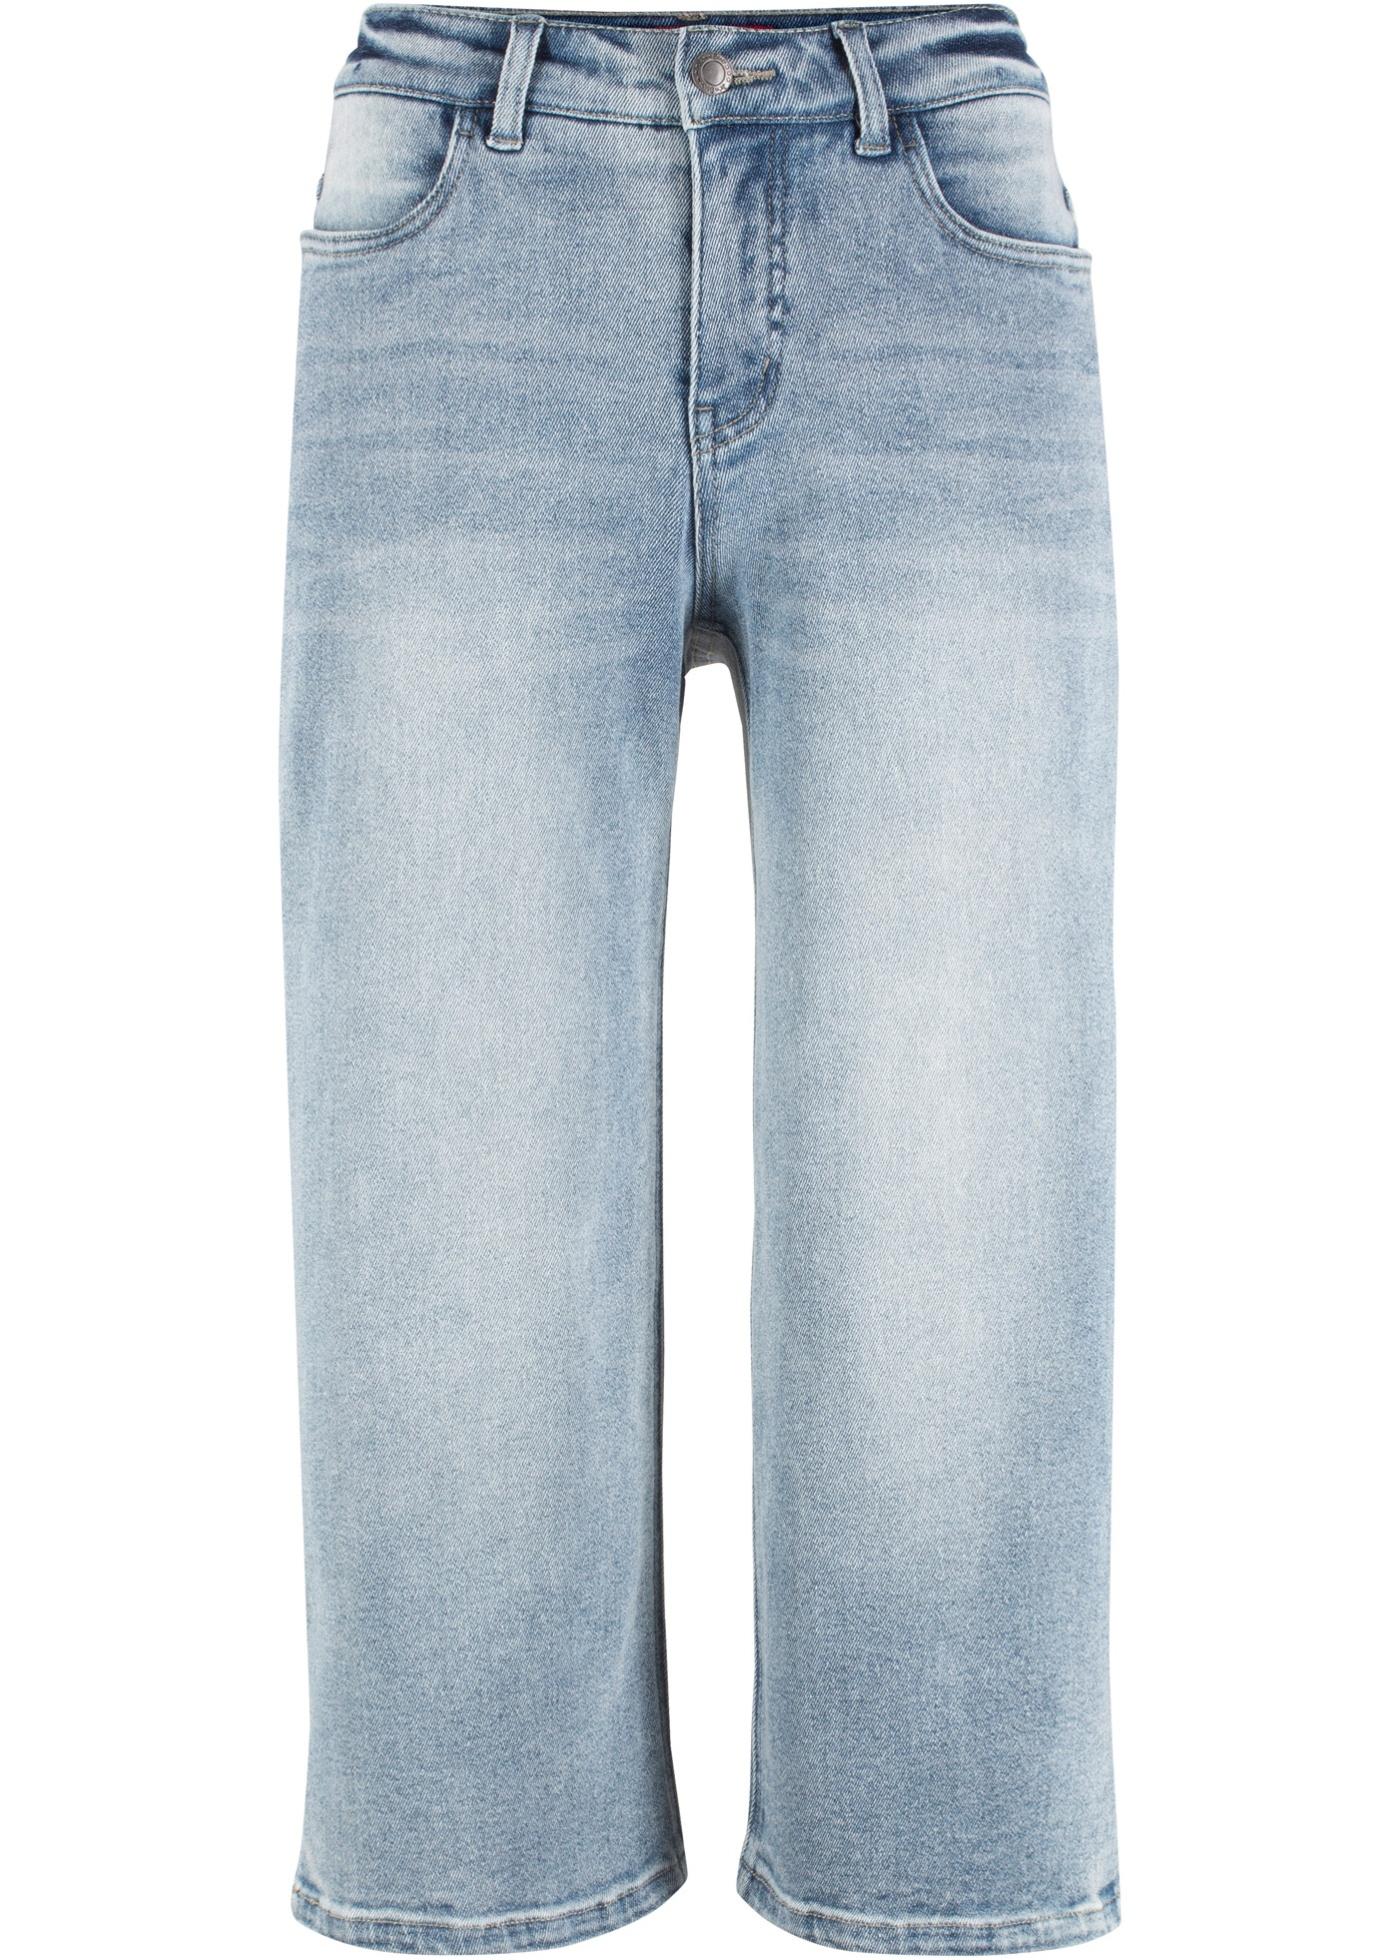 John BonprixJupe Bleu culotte Femme En Jeanswear Classique Baner Pour Jean UpSMqVz